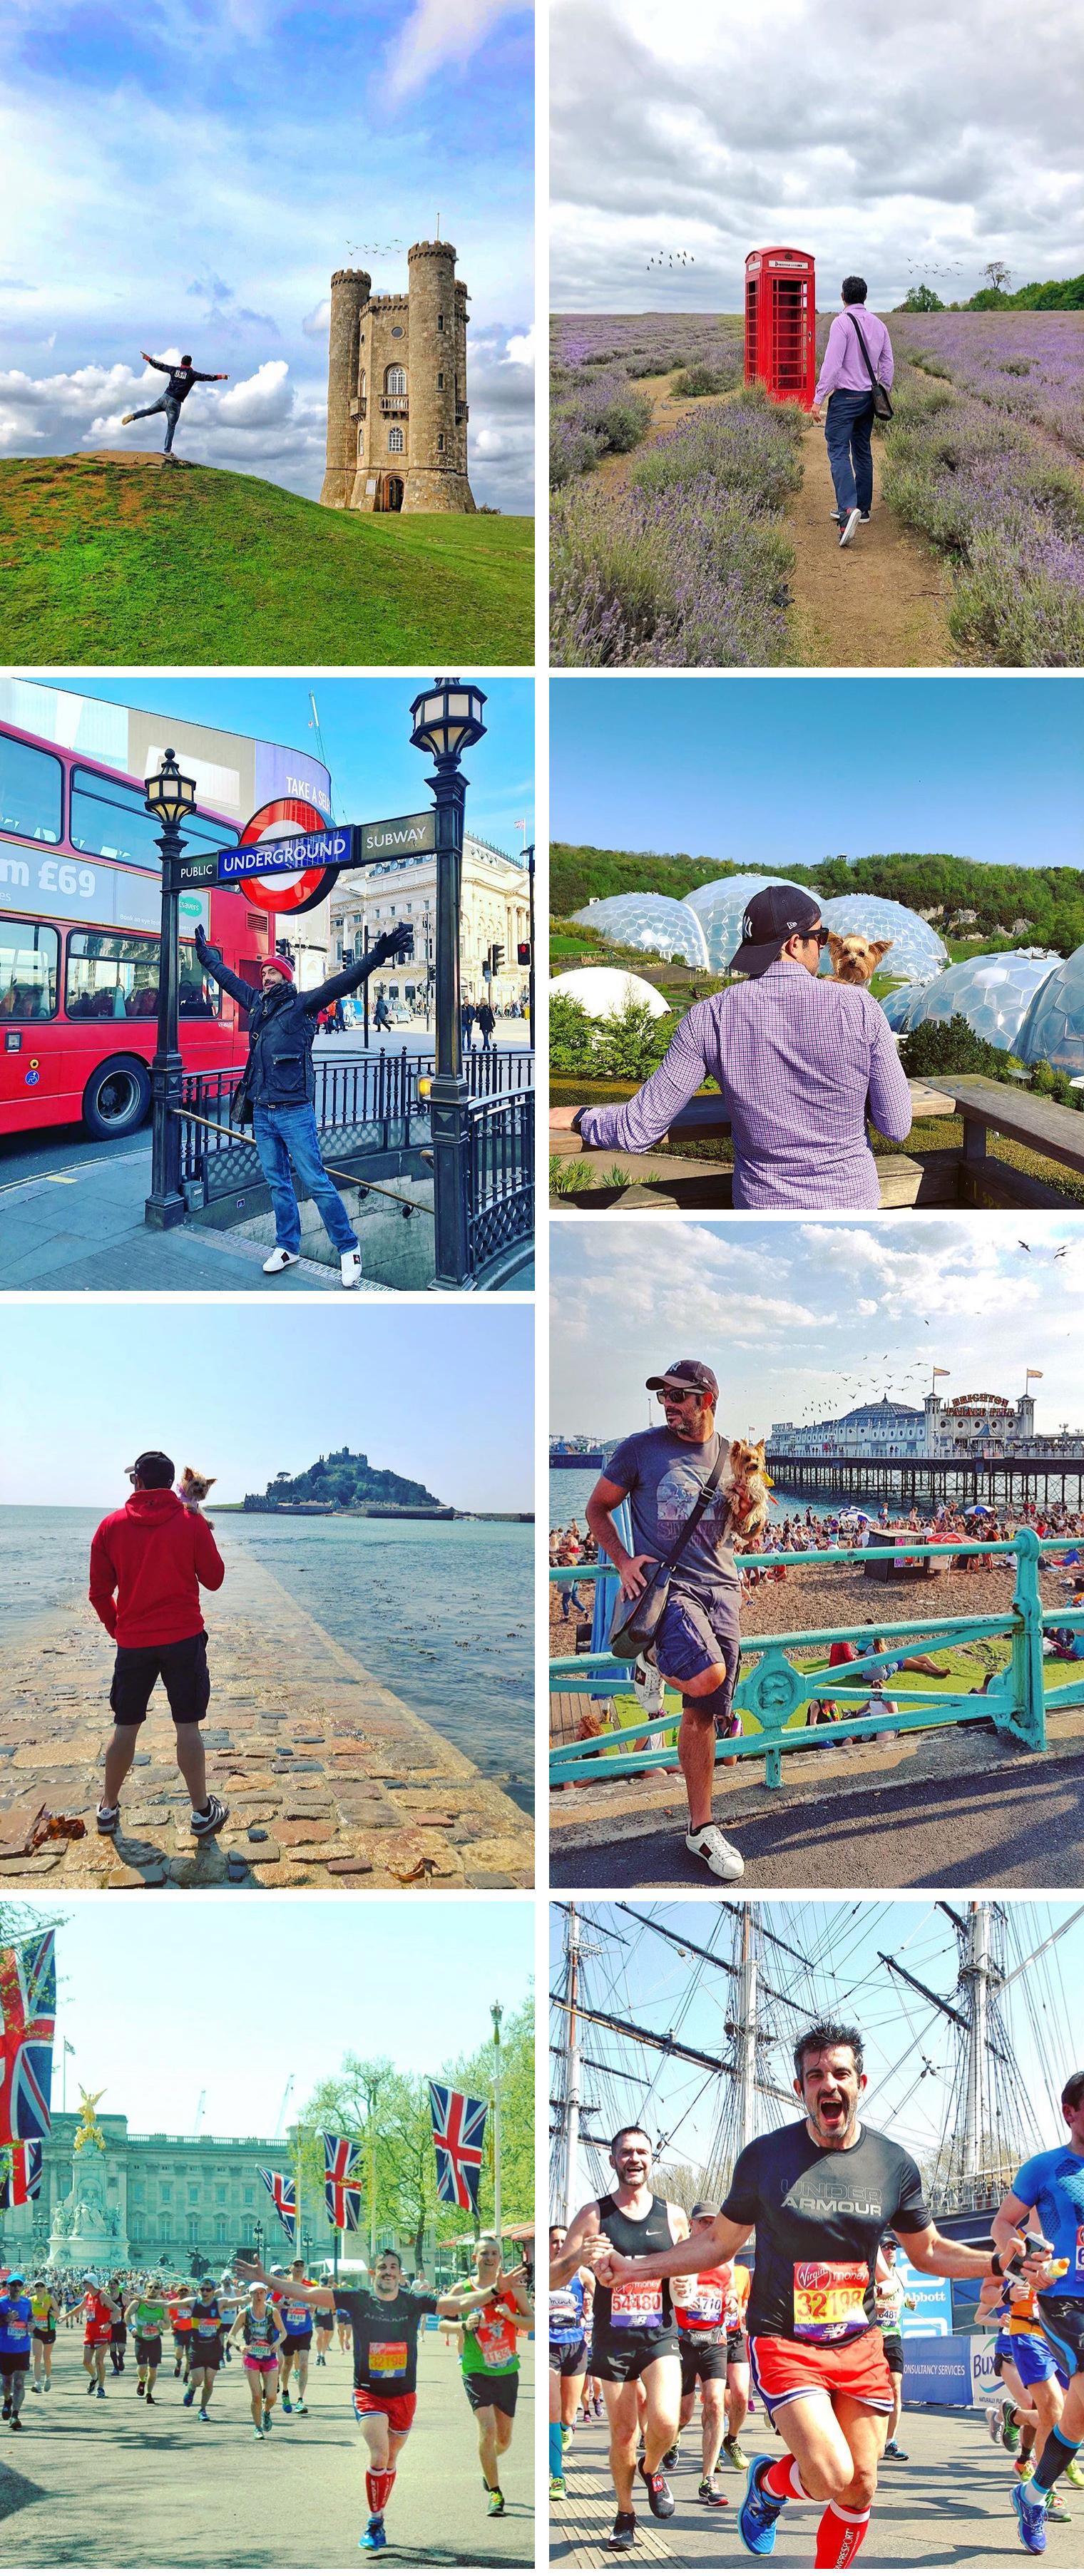 Memoria de viajes 2018 Viajes Reino Unido  - 45792595284 14fd7a6469 o - Memoria de Viajes 2018: El año de los Maratones